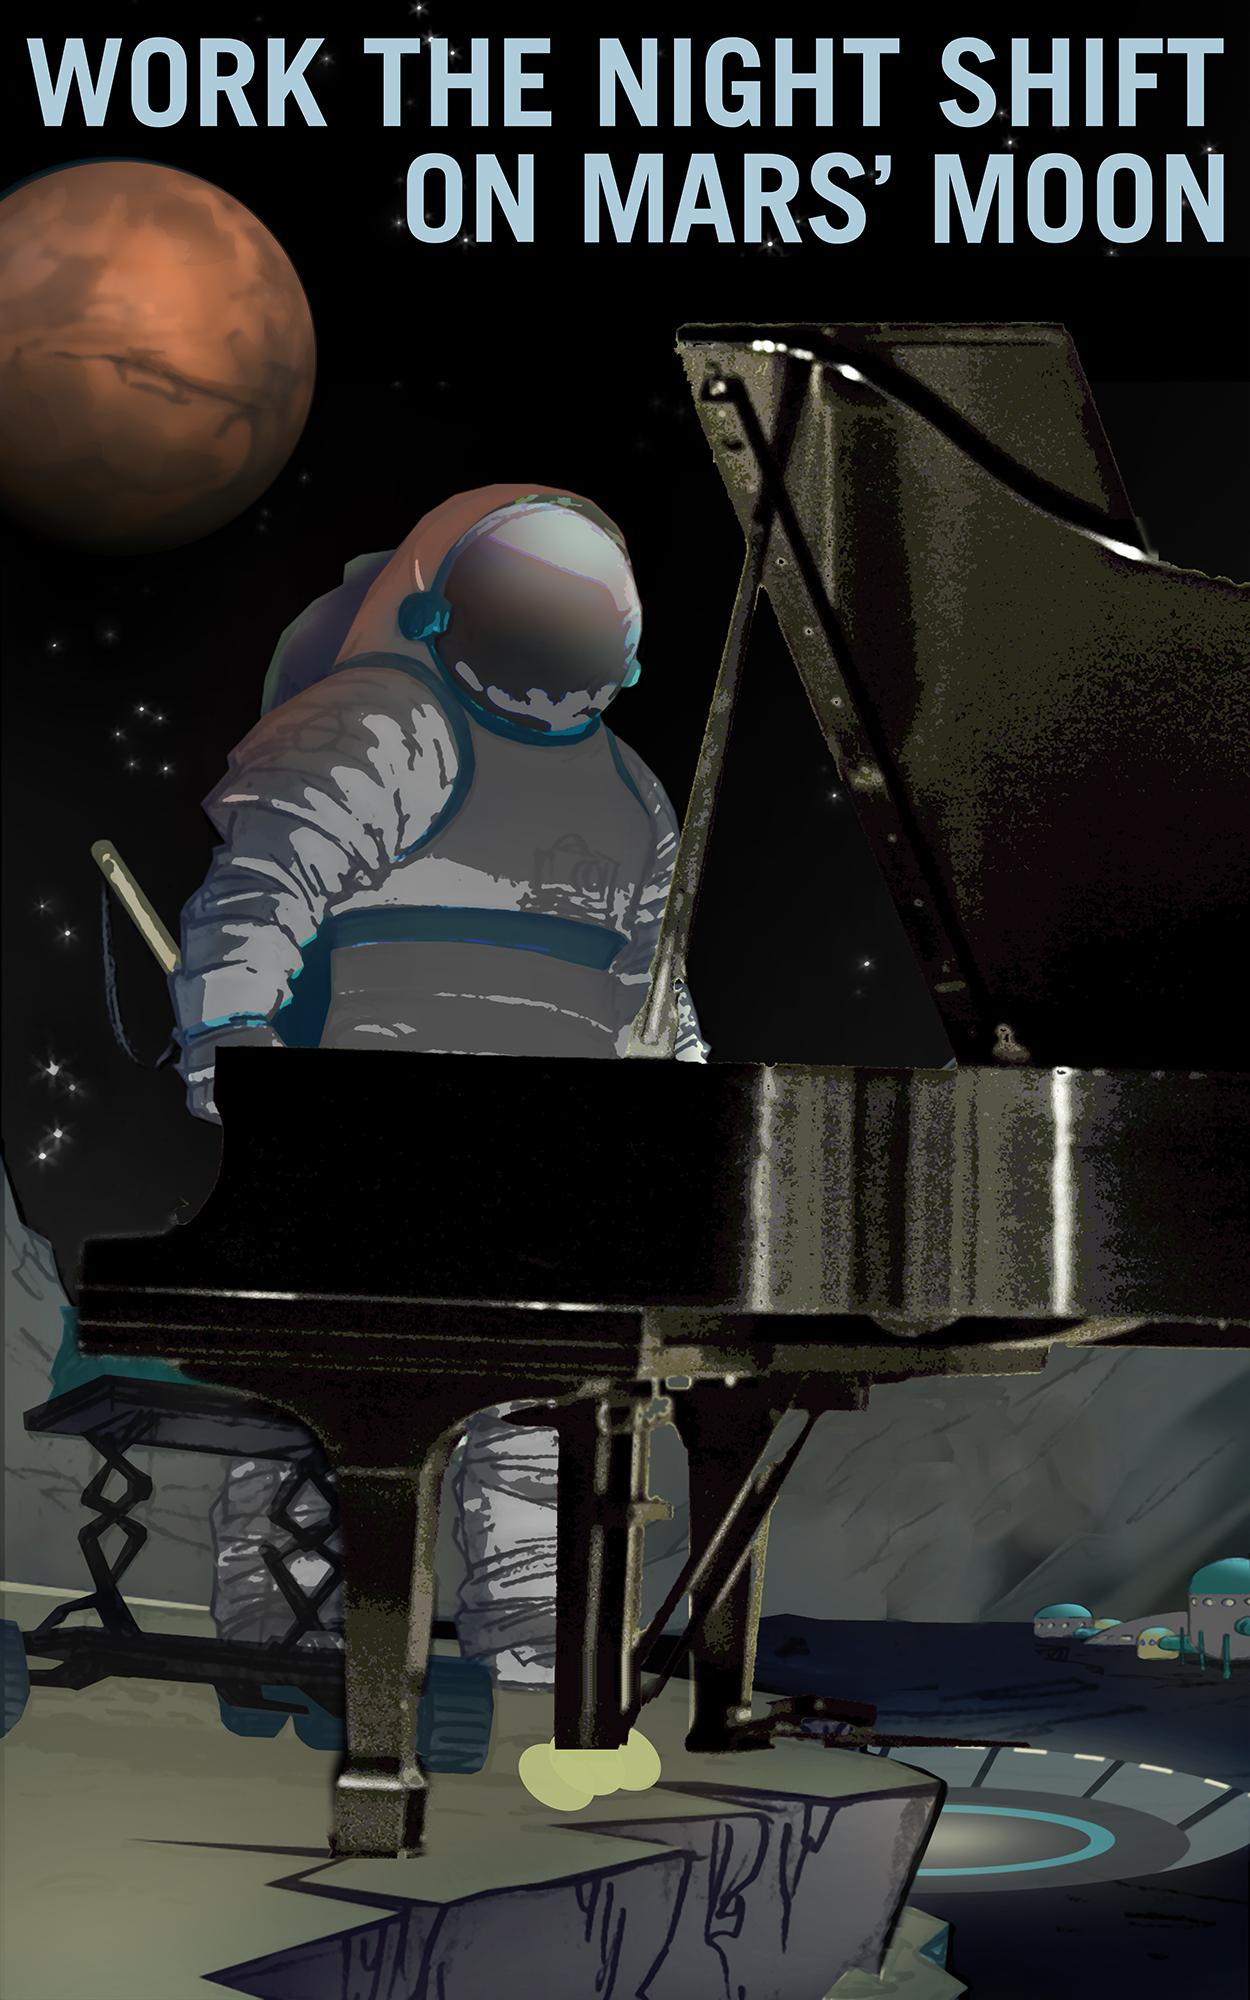 P02-Work-The-Night-Shift-NASA-Recruitment-Poster.jpg